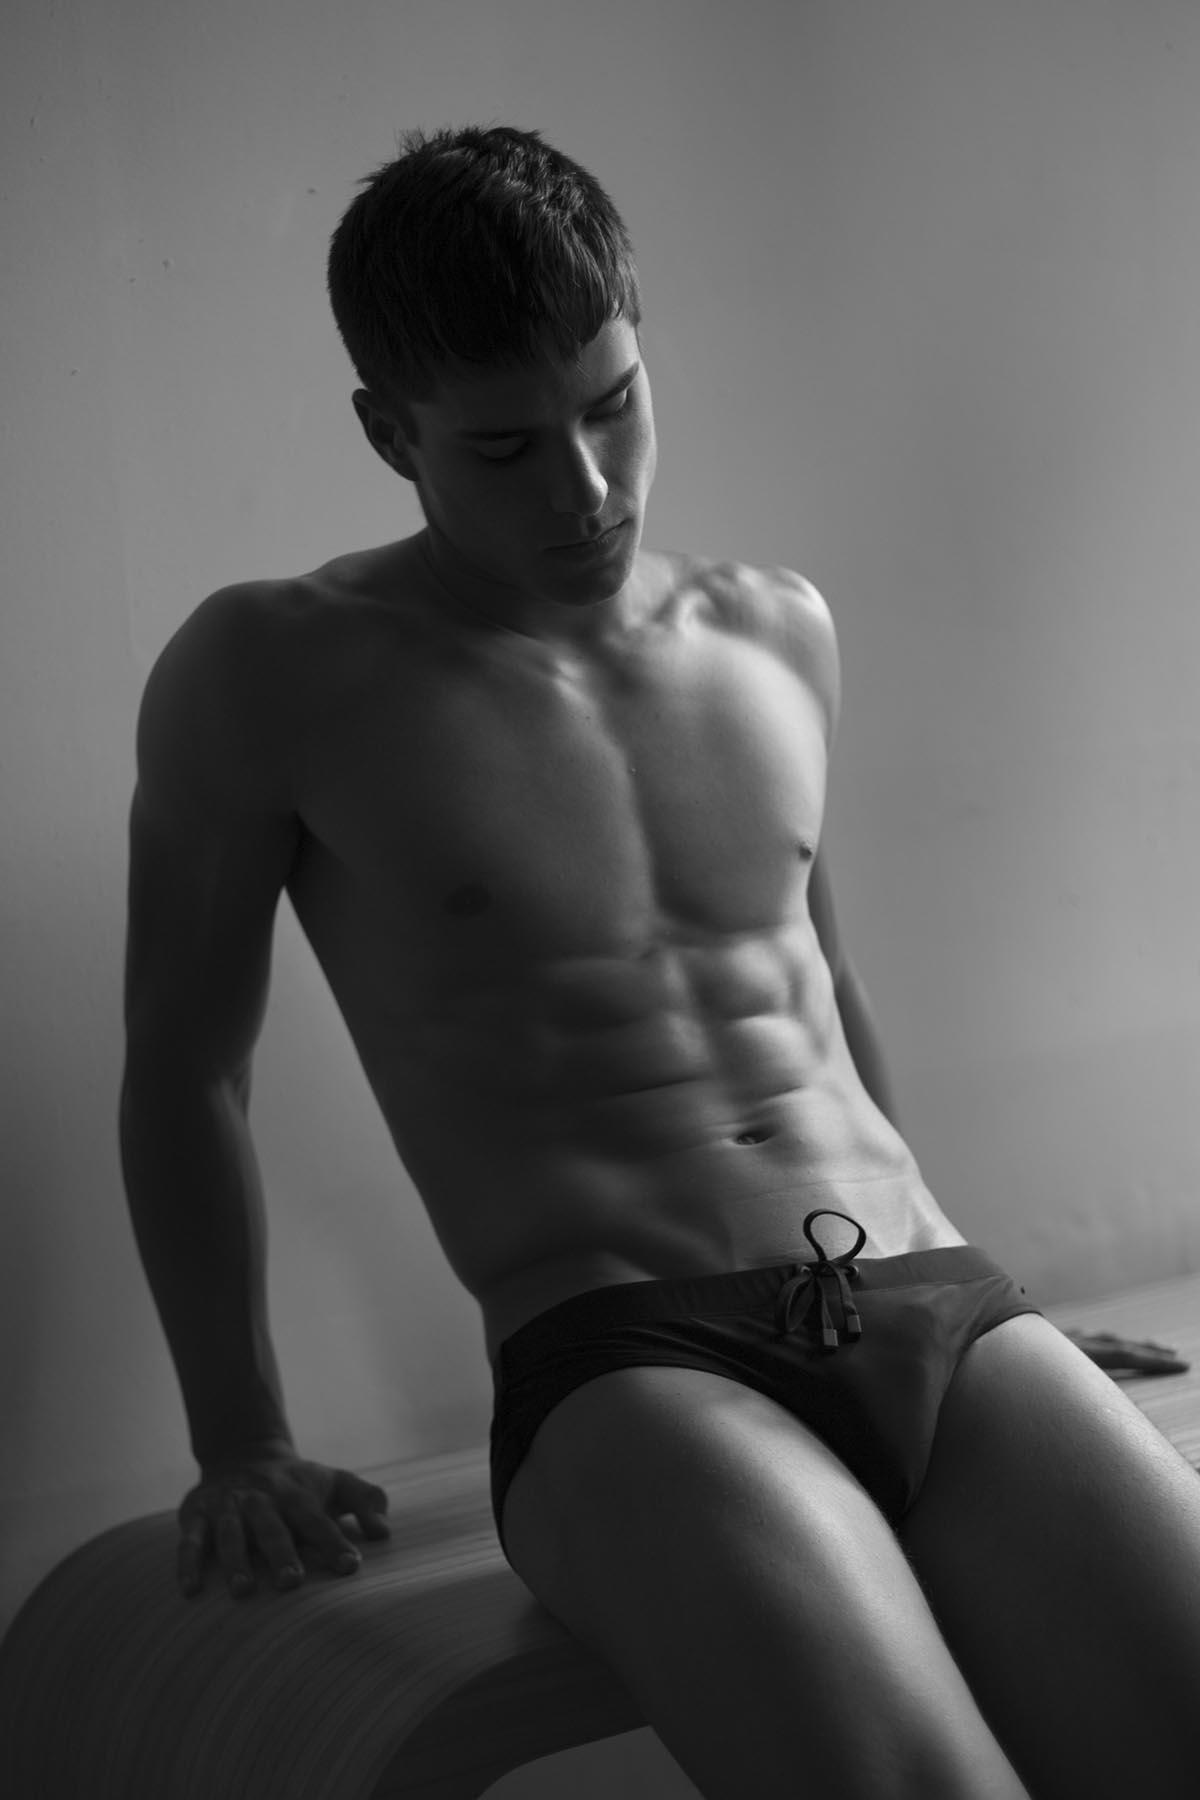 2018090103120051 - 巴西肌肉男模 Pedro Maia / Filipe Galgani摄影作品